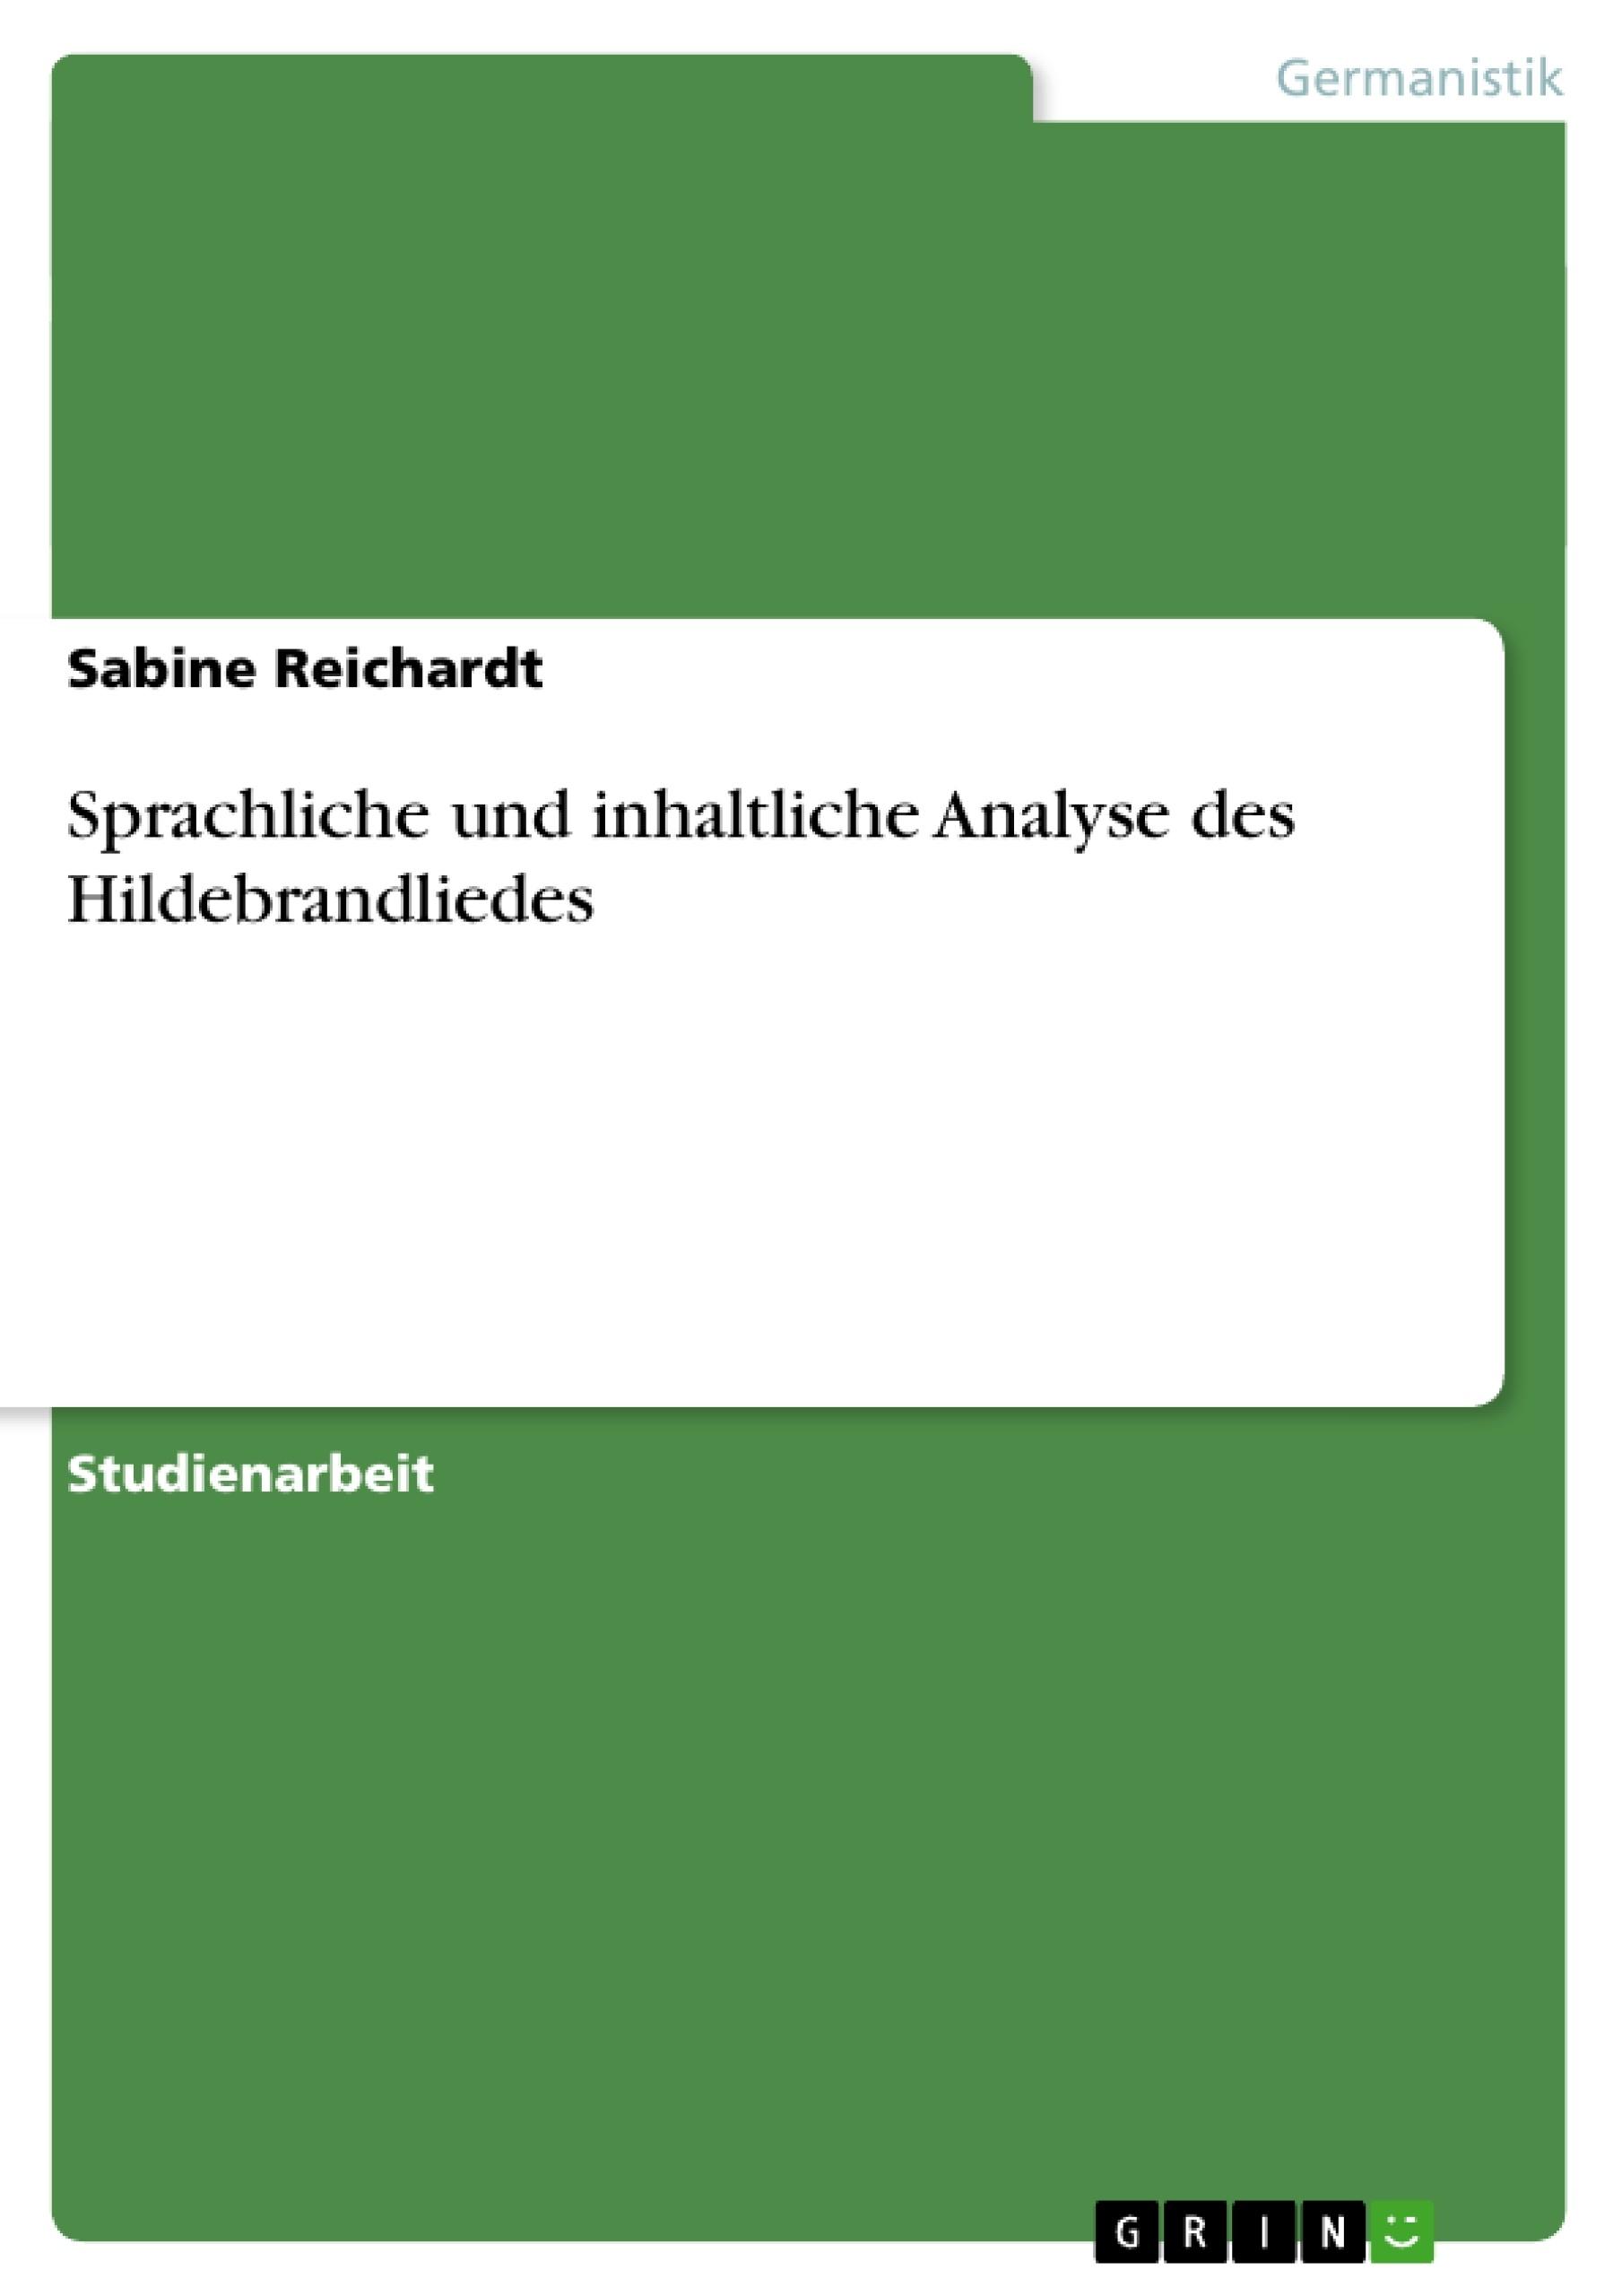 Titel: Sprachliche und inhaltliche Analyse des Hildebrandliedes